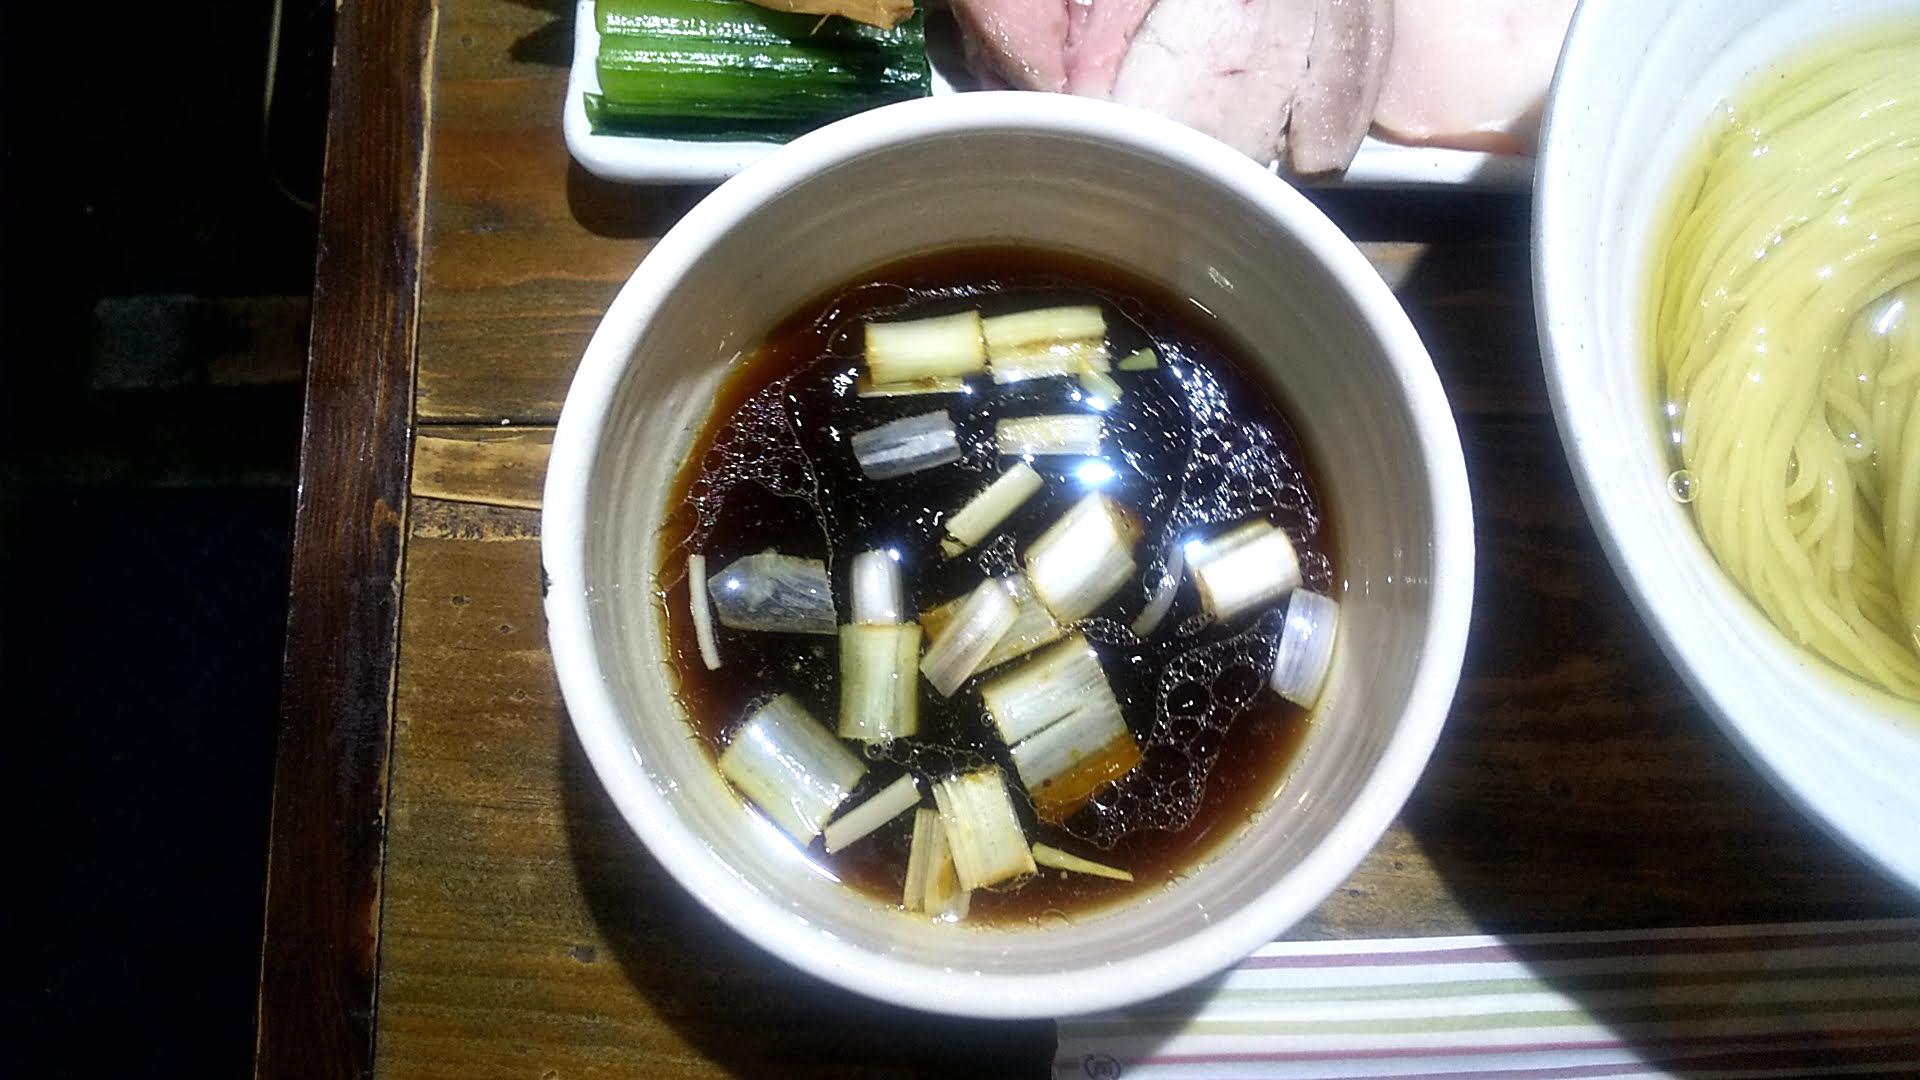 ラーメン屋ジョンの全部載せつけ麺のつけ汁の写真